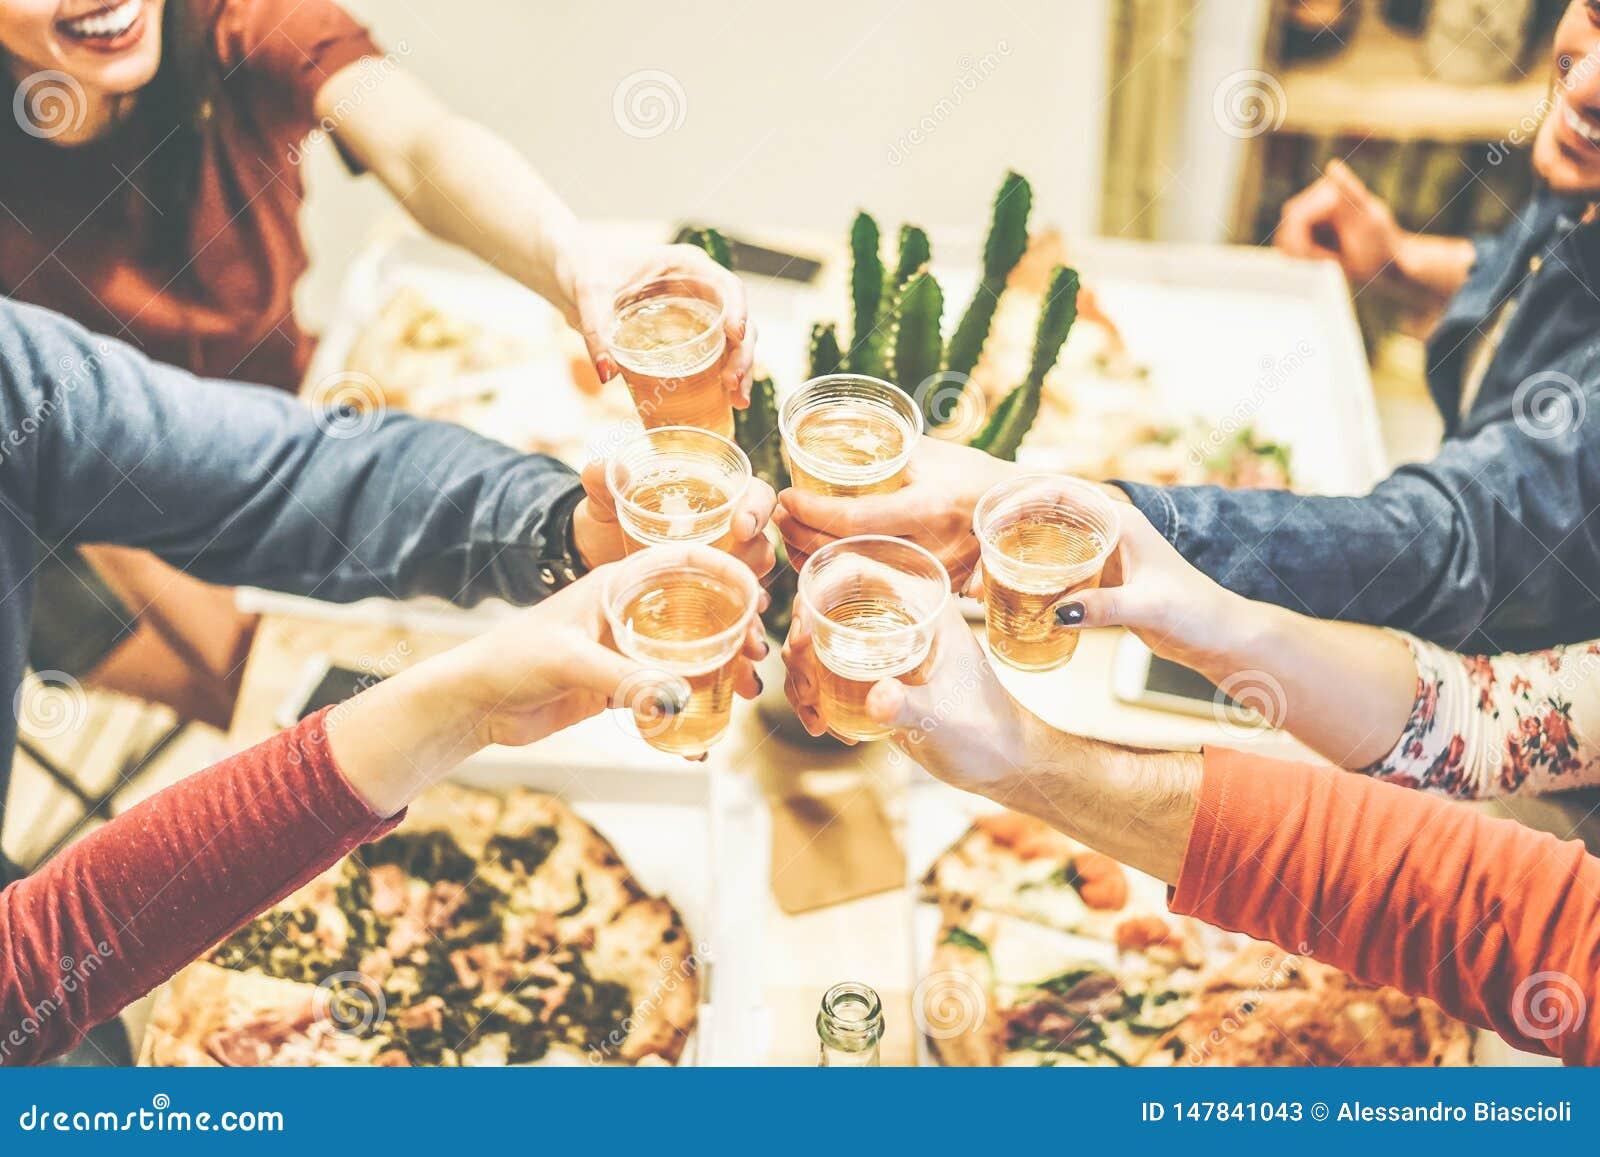 吃享受晚餐的小组朋友敬酒用啤酒和在家拿走愉快的人民饮用的啤酒比萨-欢呼